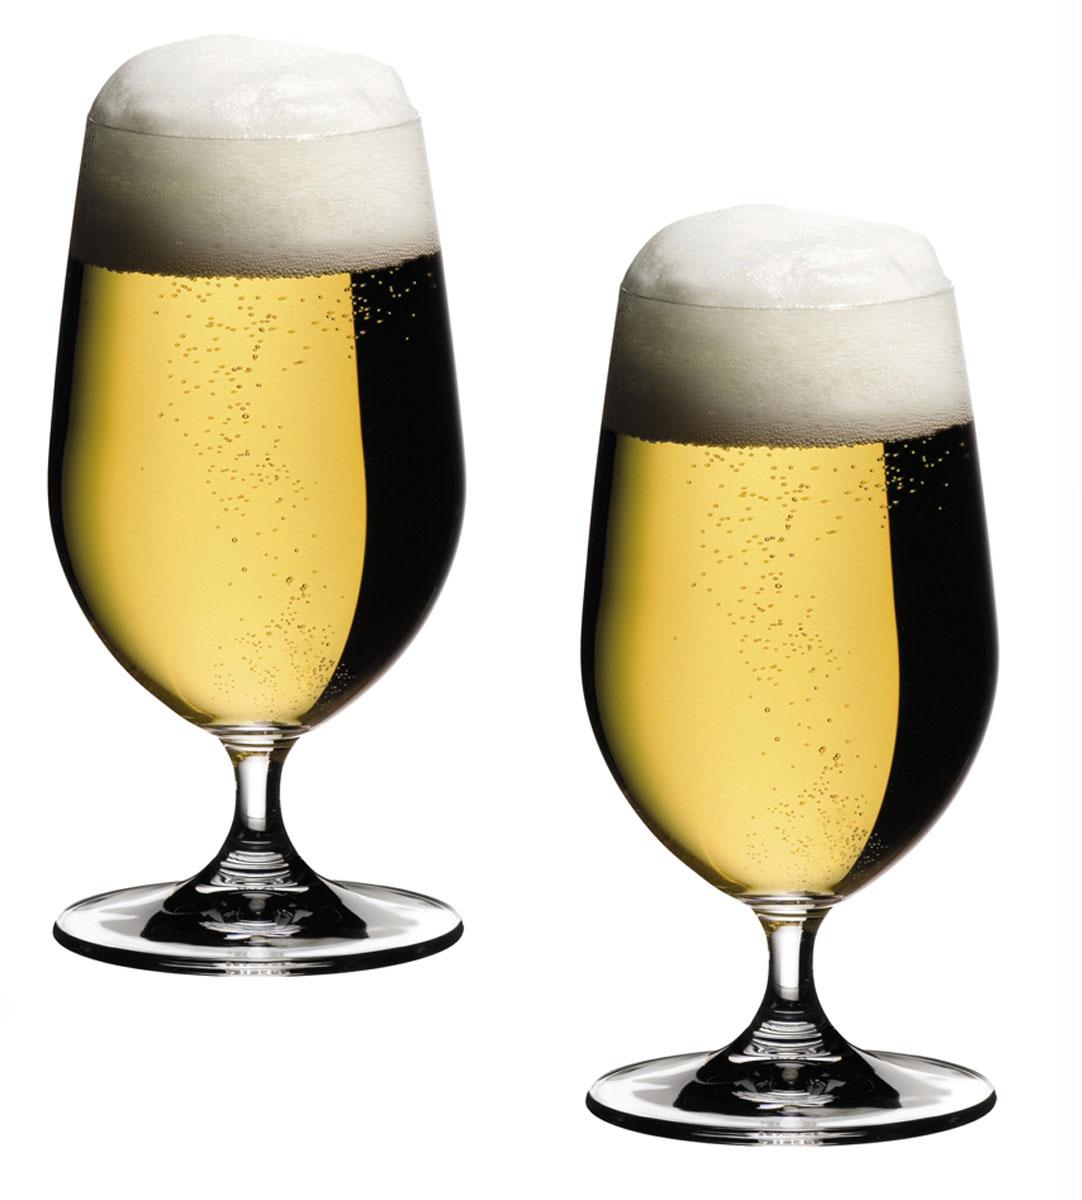 Набор бокалов Riedel Beer, 500 мл, 2 шт6408/11Набор Riedel Beer, состоящий из двух бокалов, выполнен из высококачественного стекла. Бокалы предназначены для подачи пива. Набор сочетает в себе элегантный дизайн и функциональность. Благодаря такому набору питьнапитки будет еще вкуснее.Набор Riedel Beer прекрасно оформит праздничный стол и создаст приятную атмосферу. Такие бокалы также станут хорошим подарком к любому случаю. Можно мыть в посудомоечной машине.Диаметр (по верхнему краю): 6,5 см. Высота: 17 см.